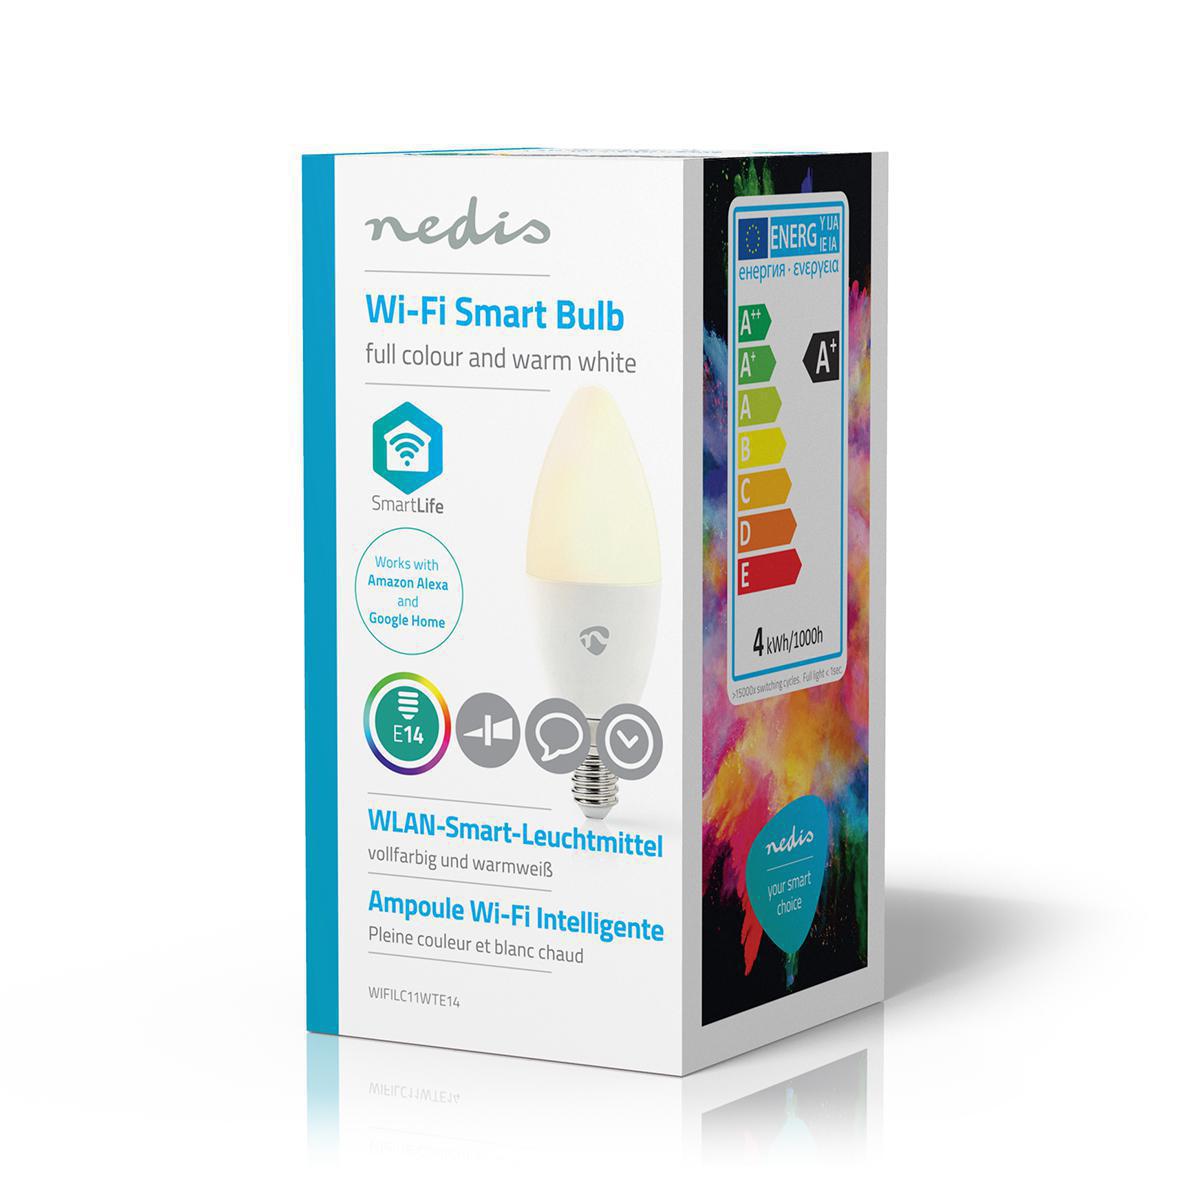 Slimme Led Lamp Wi-Fi - RGB en warm wit E14 - zijaanzicht verpakking